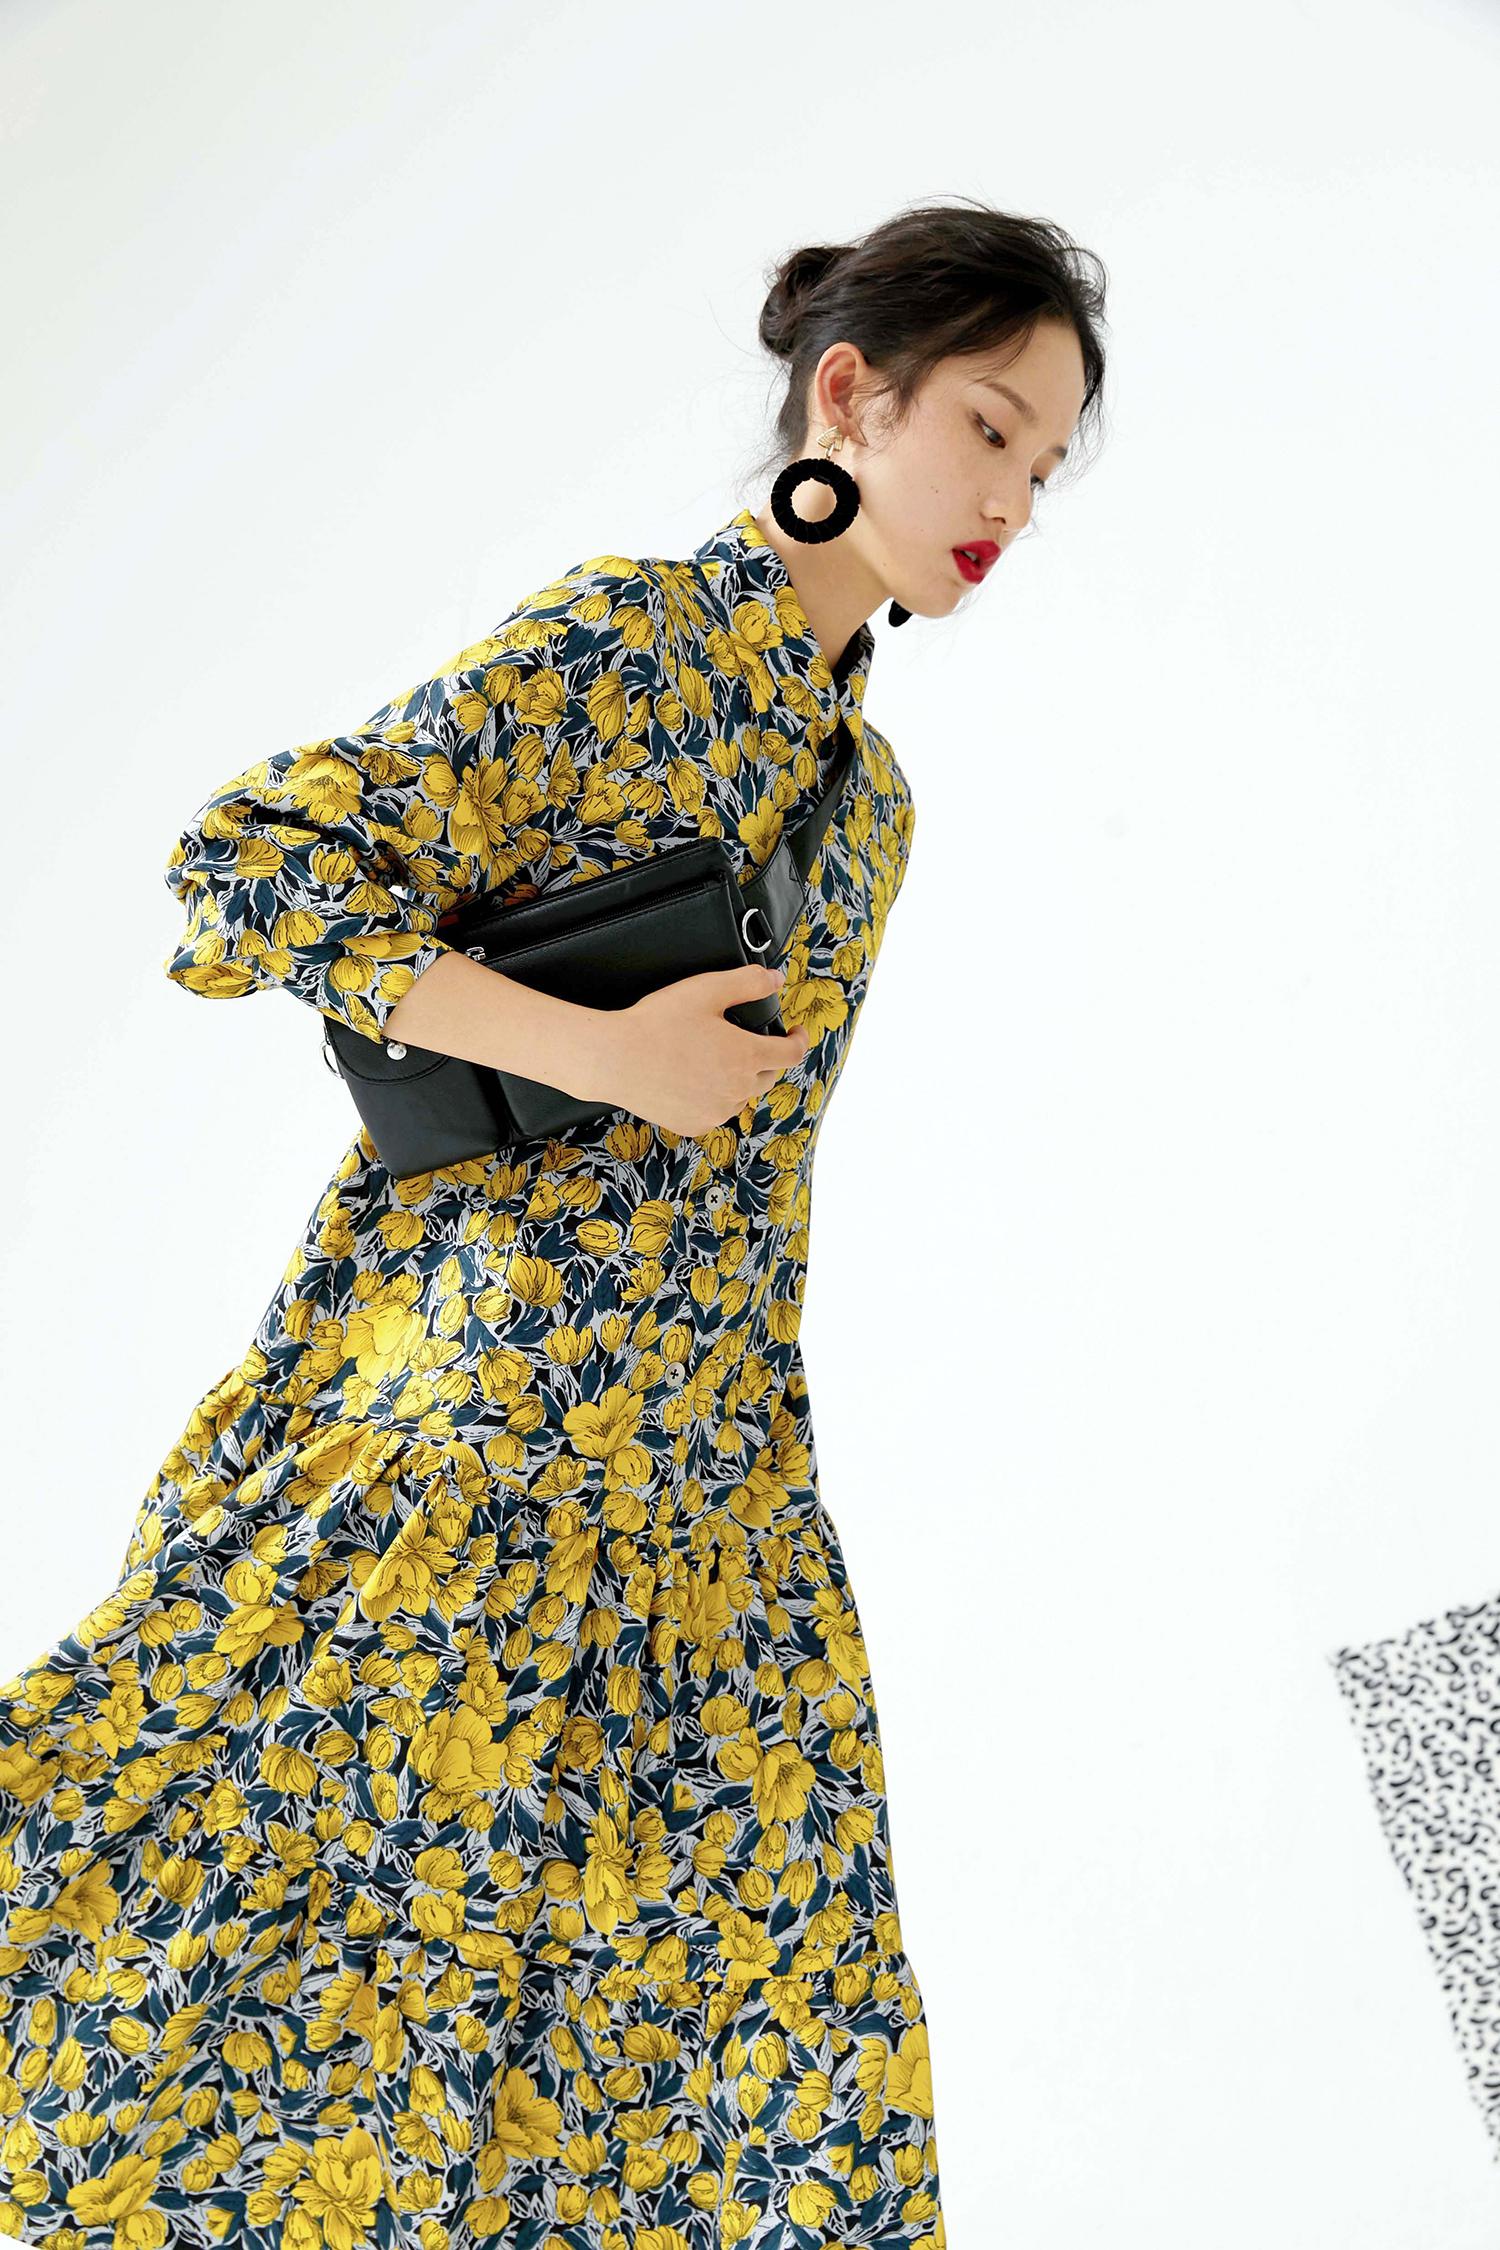 黄色连衣裙 EELMOOR原创独立设计19秋都市北欧印花长款黄色长袖连衣裙女_推荐淘宝好看的黄色连衣裙